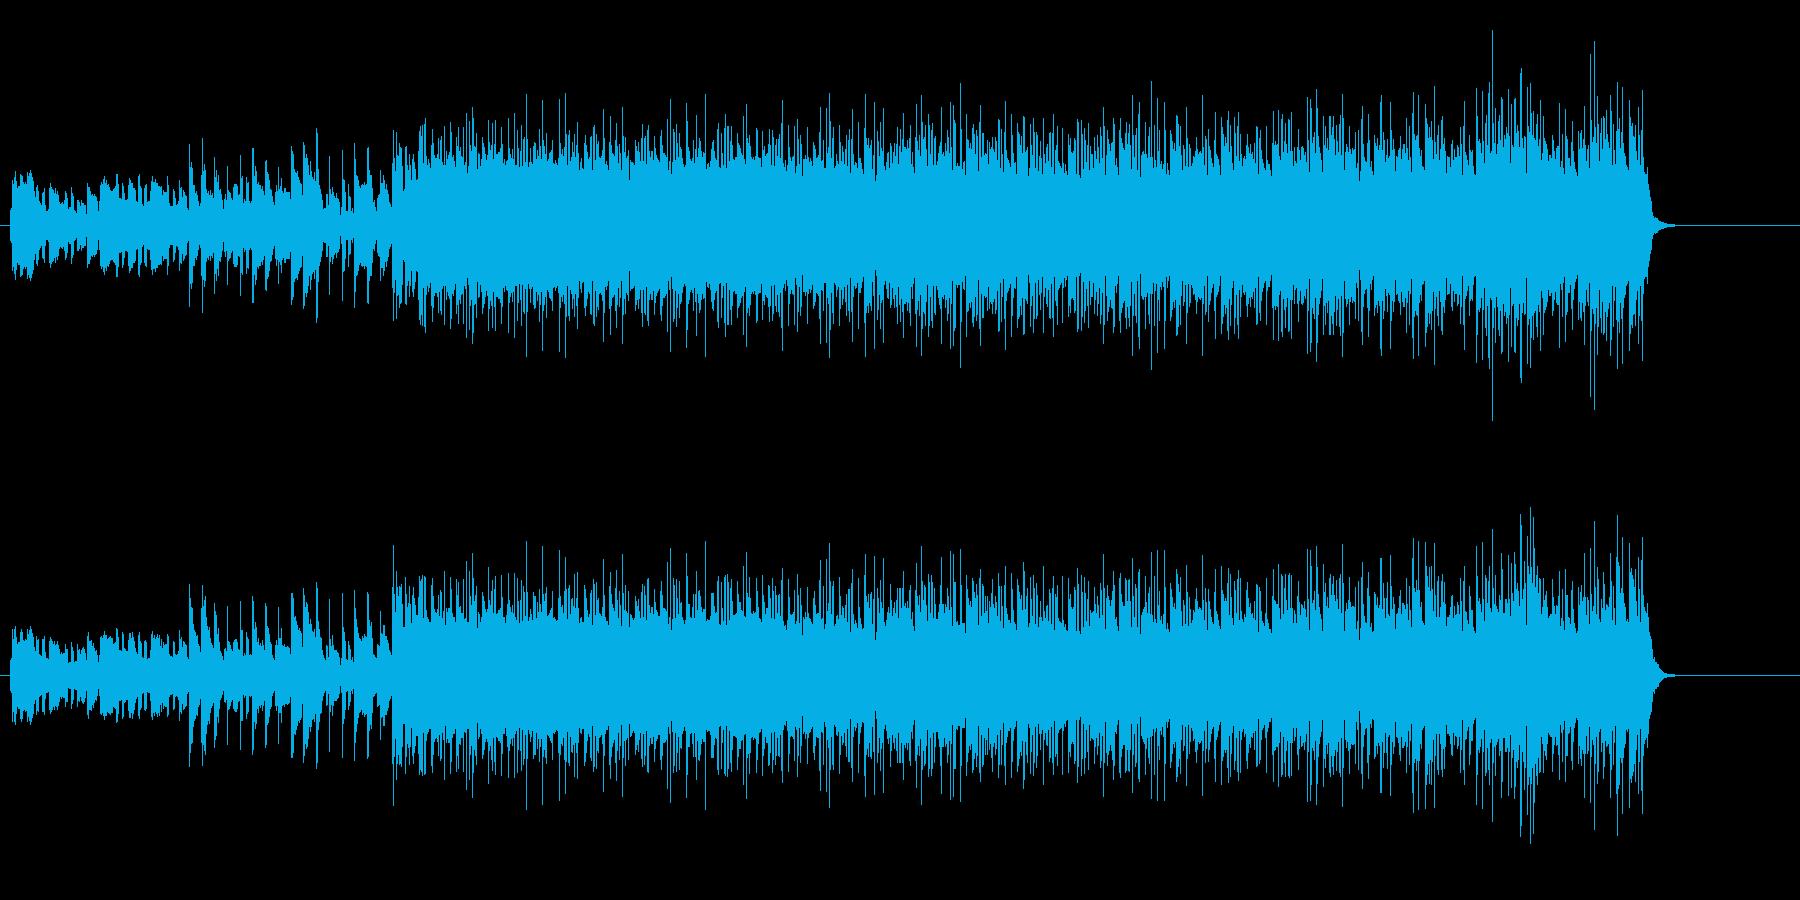 シャープなテクノ・ポップス風の再生済みの波形